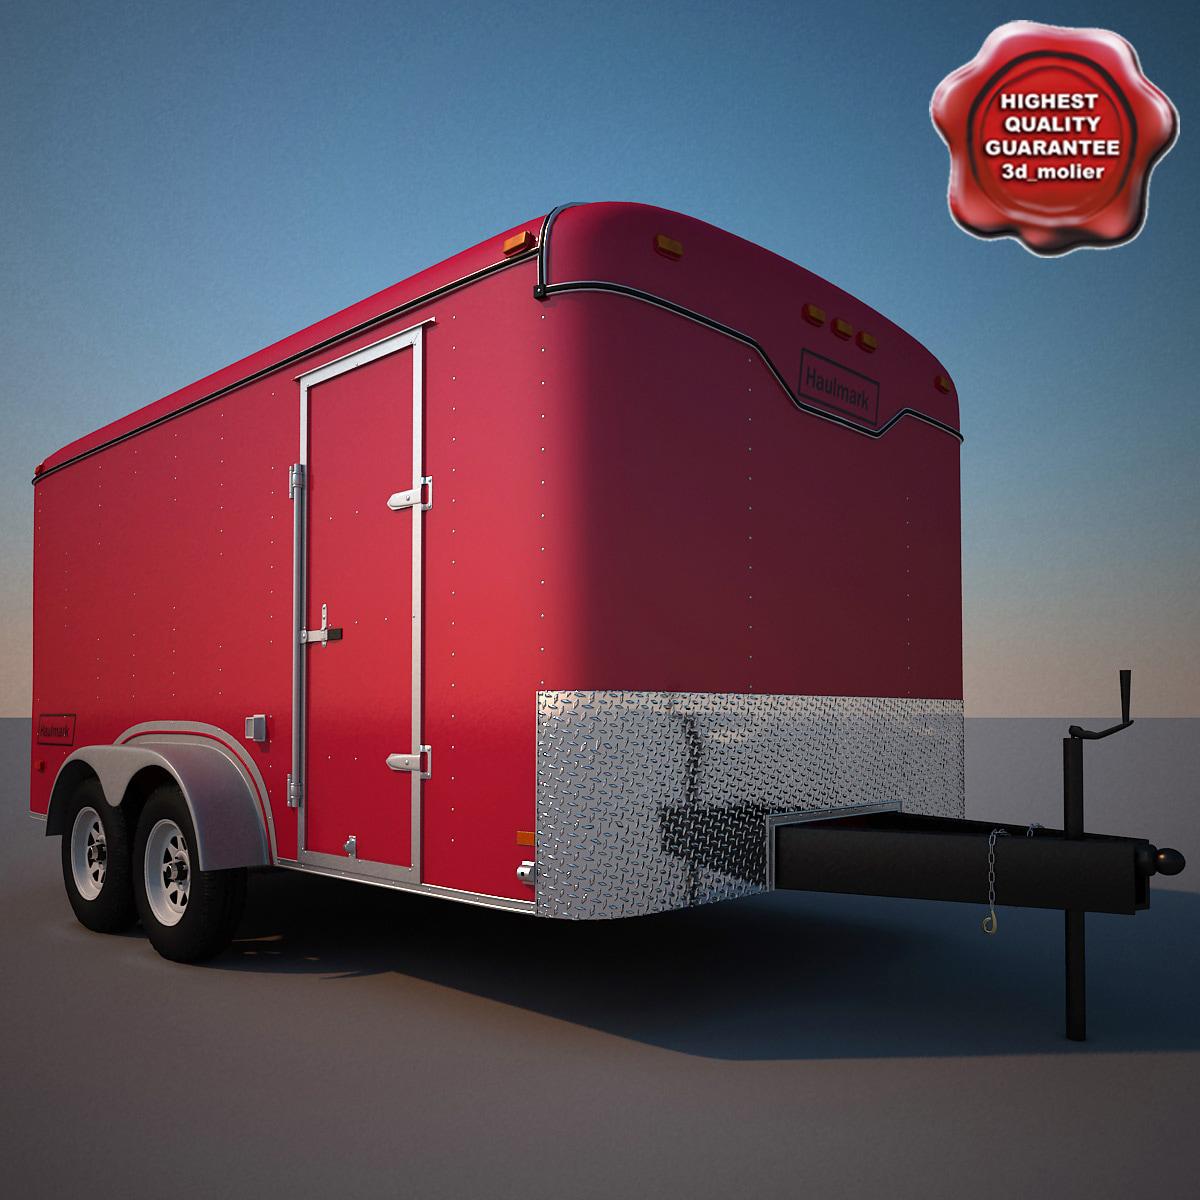 Haulmark_Cargo_Trailer_00.jpg